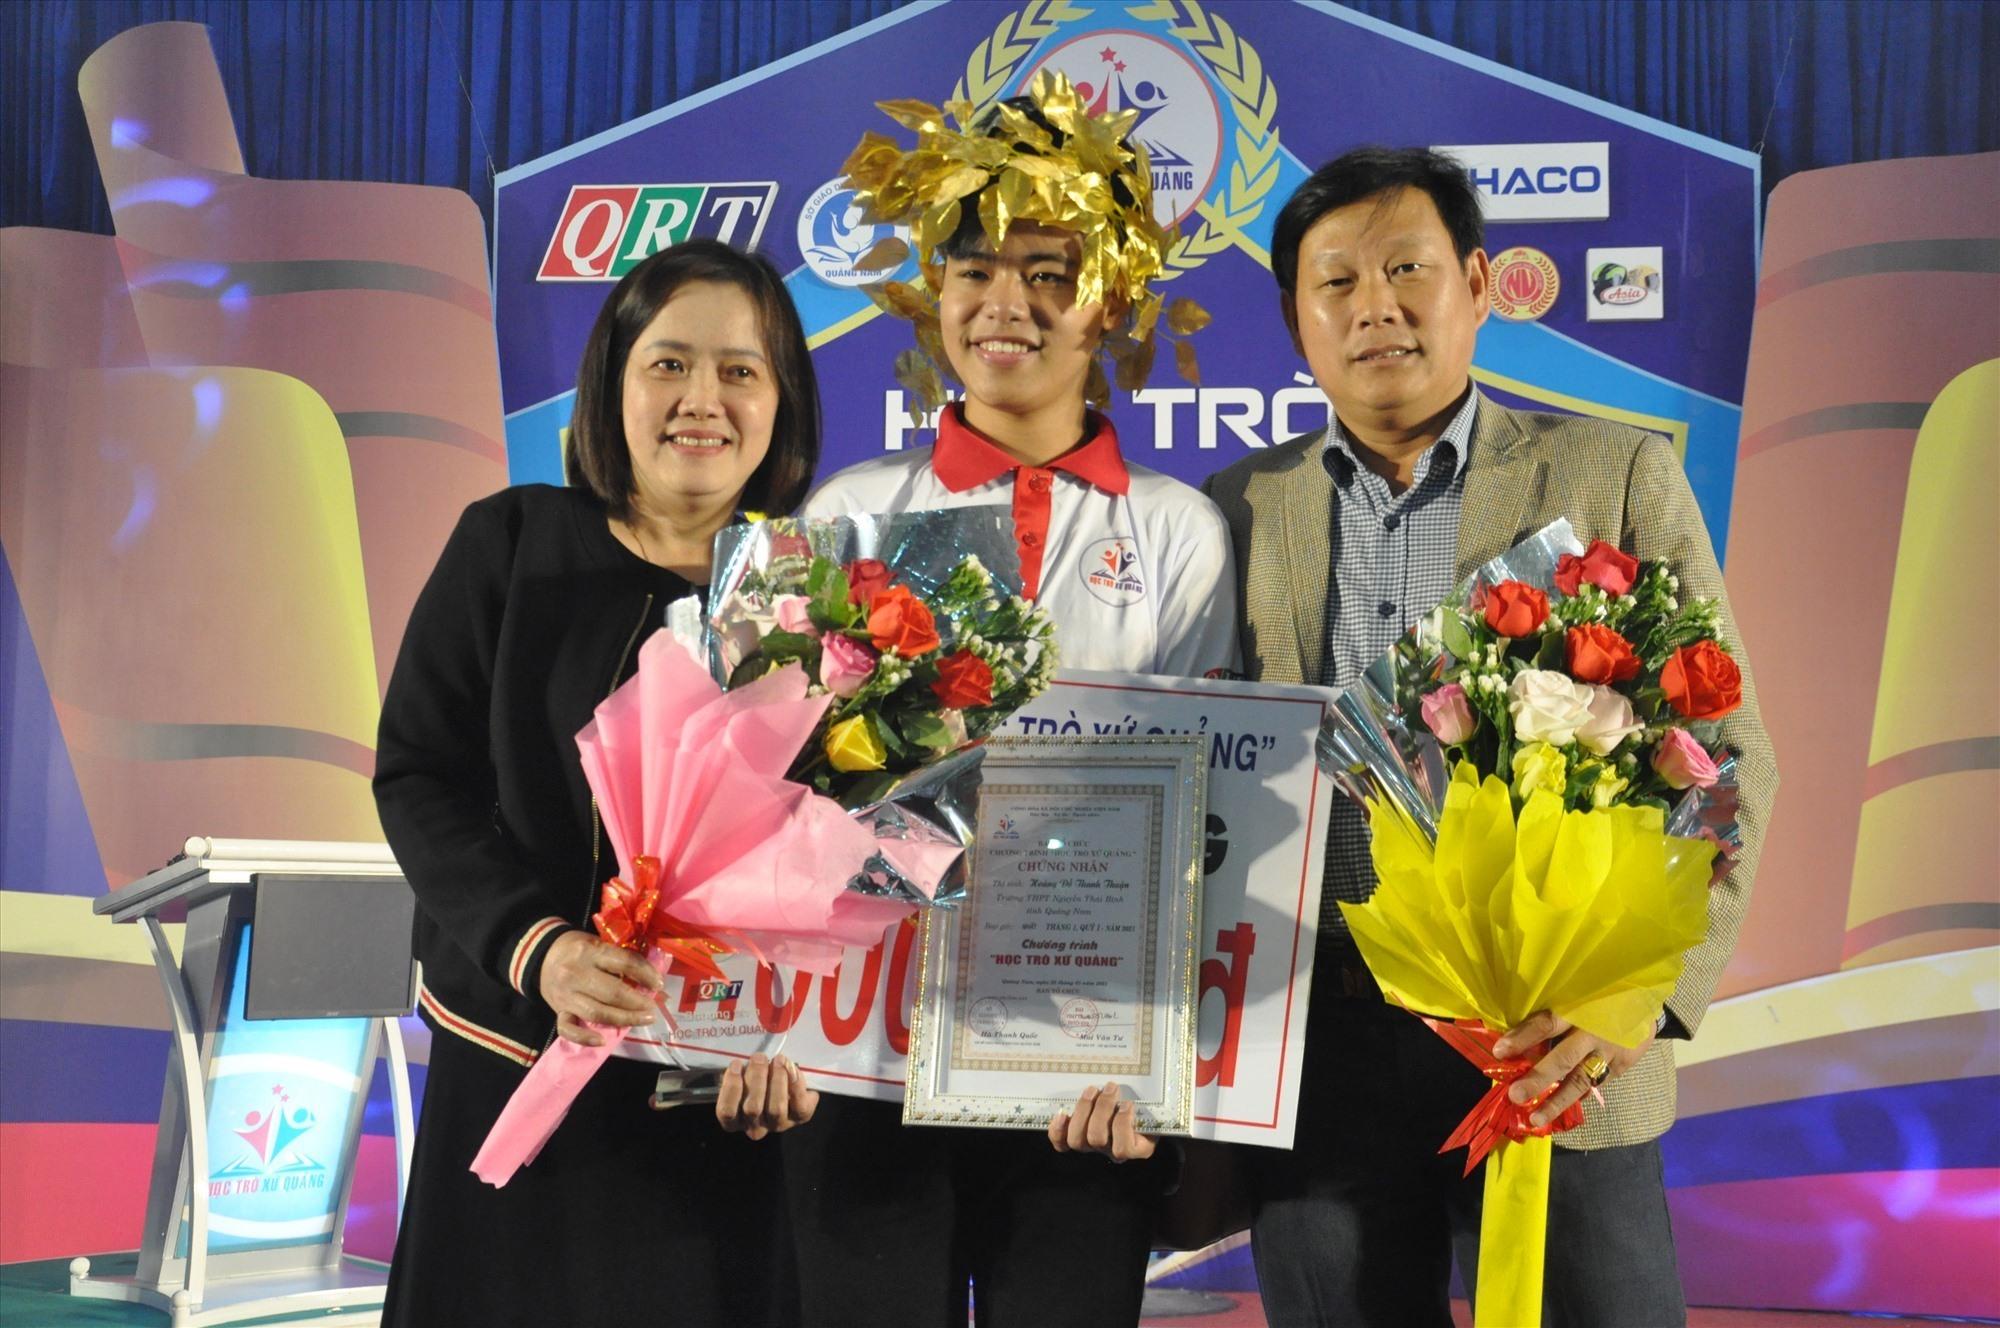 Nhà vô địch tháng 1 Hoàng Đỗ Thanh Thuận được mẹ và thầy giáo chúc mừng. Ảnh: X.P